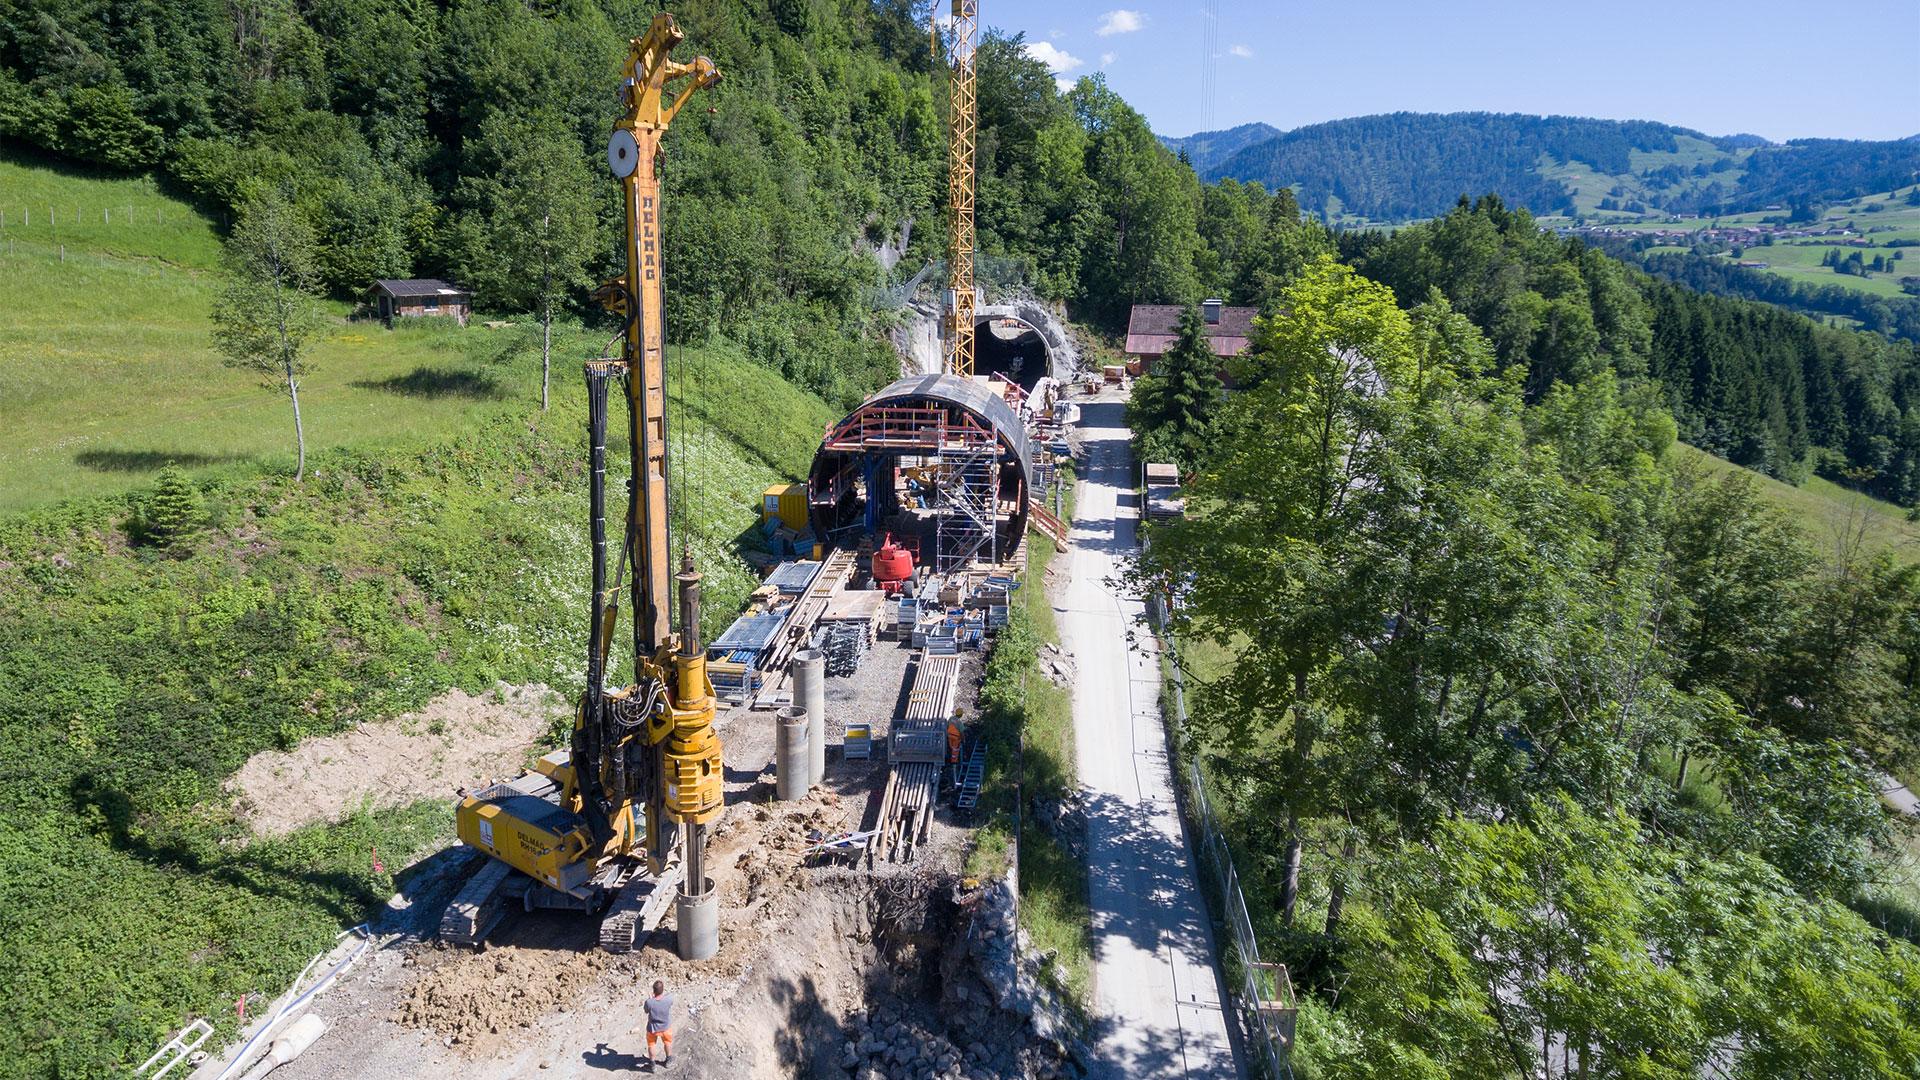 Drohnen-Aufnahme - DB Tunnel-Baustelle